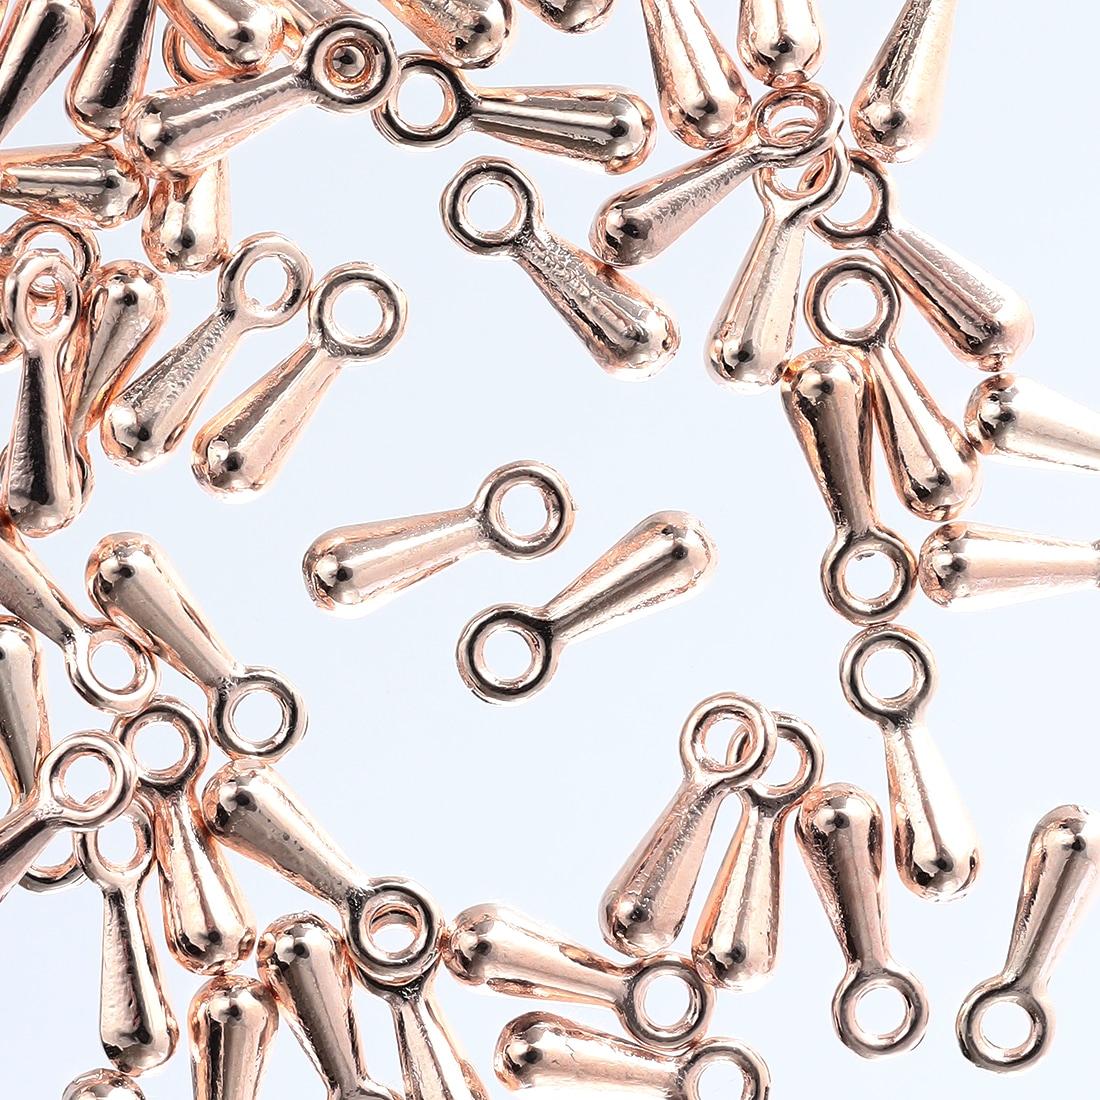 アジャスター チェーン 用 金具 しずく 型 ピンクゴールド 50個 ネックレス パーツ 雫 チャーム エンドパーツ メタルパーツ アクセサリーパーツ AP1990